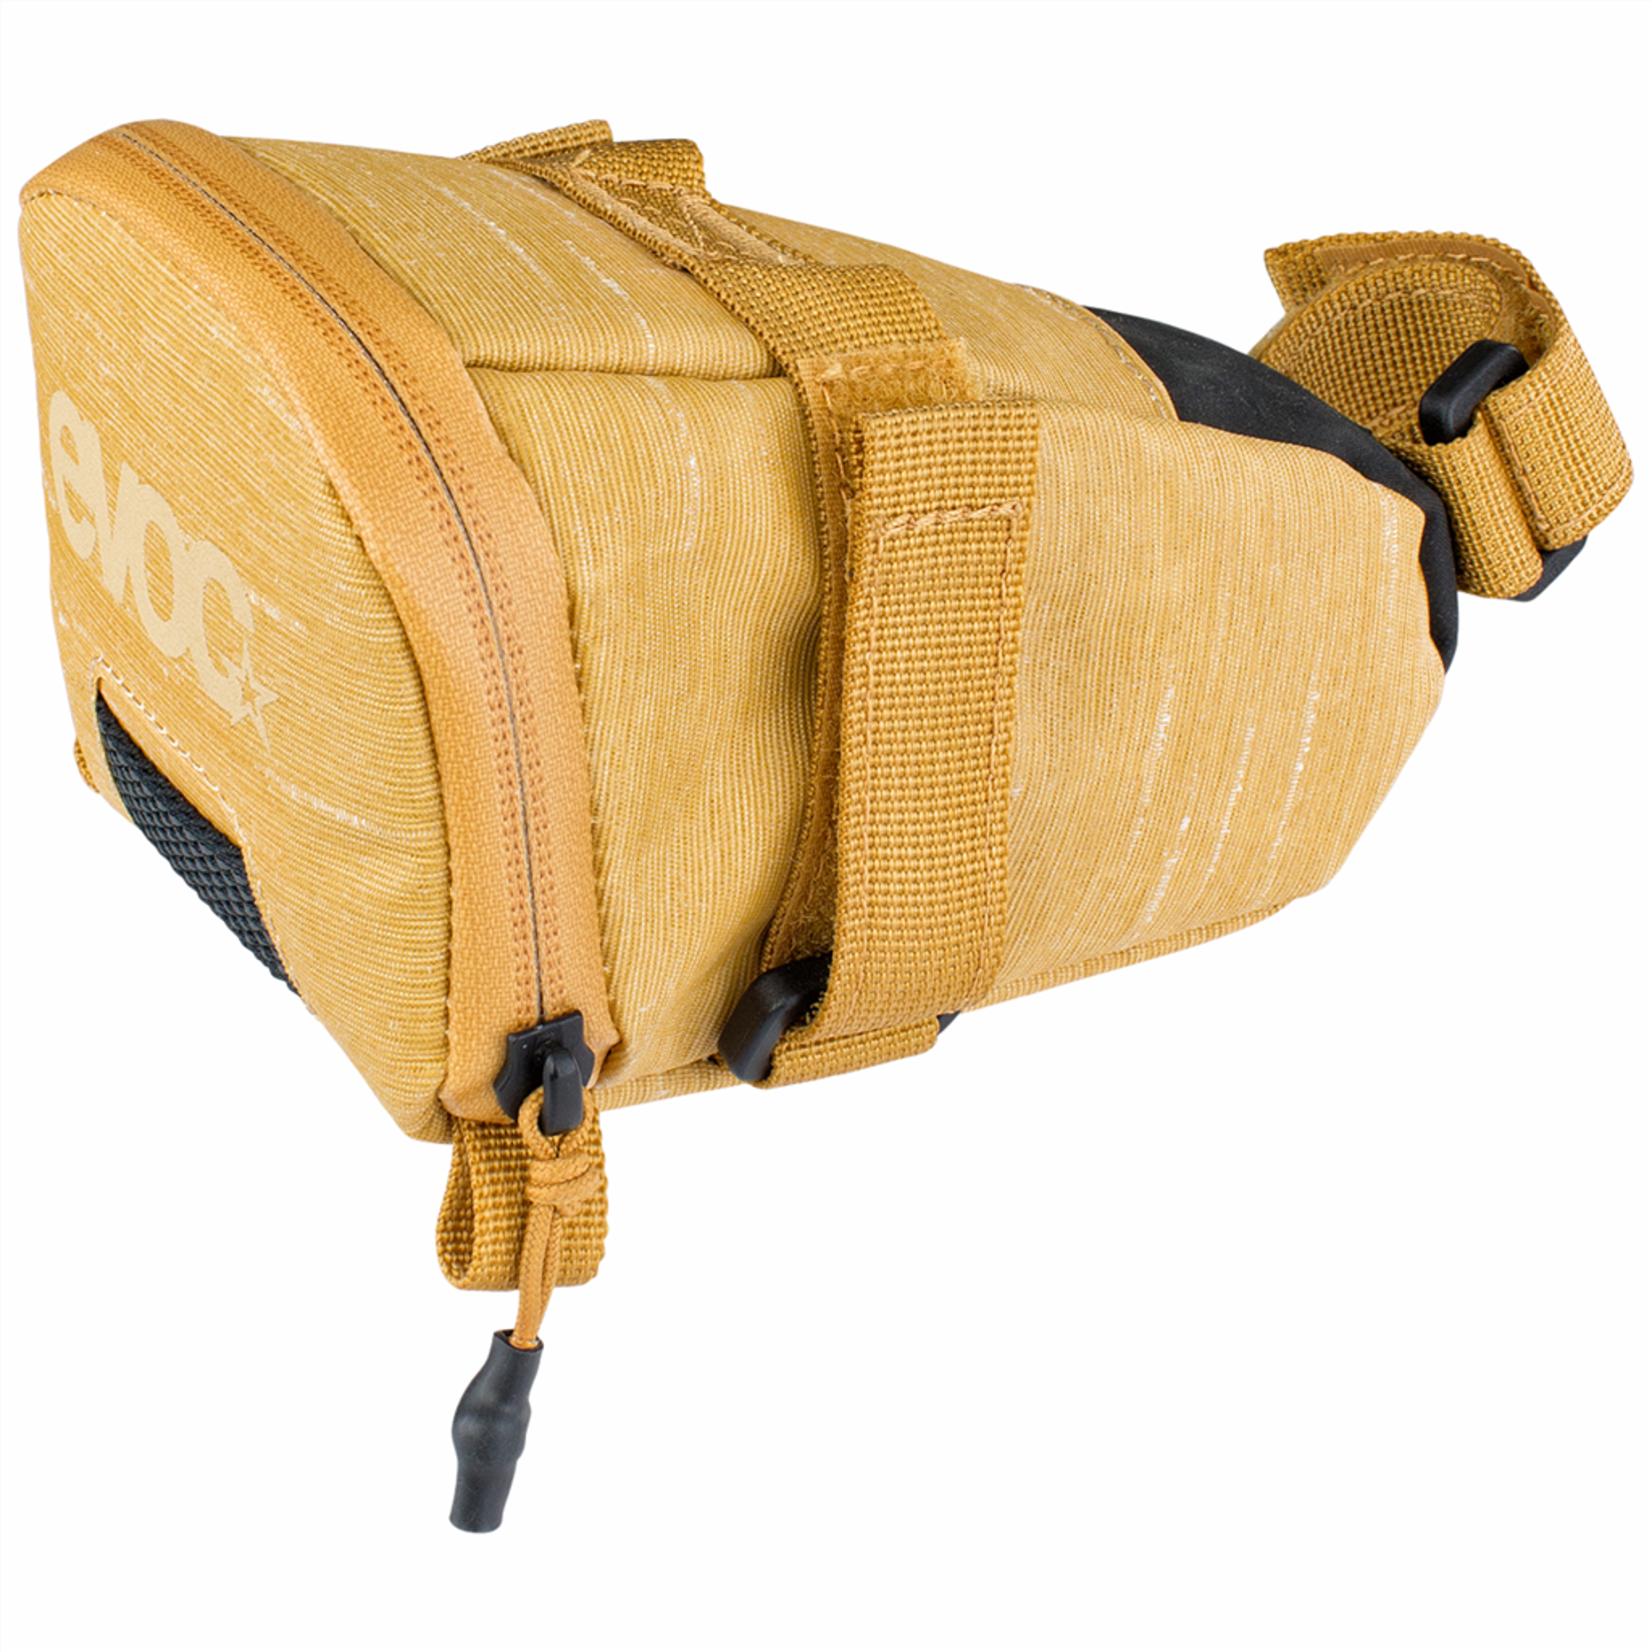 EVOC EVOC Tour Tasche Unter Sattel 0.7L - beige